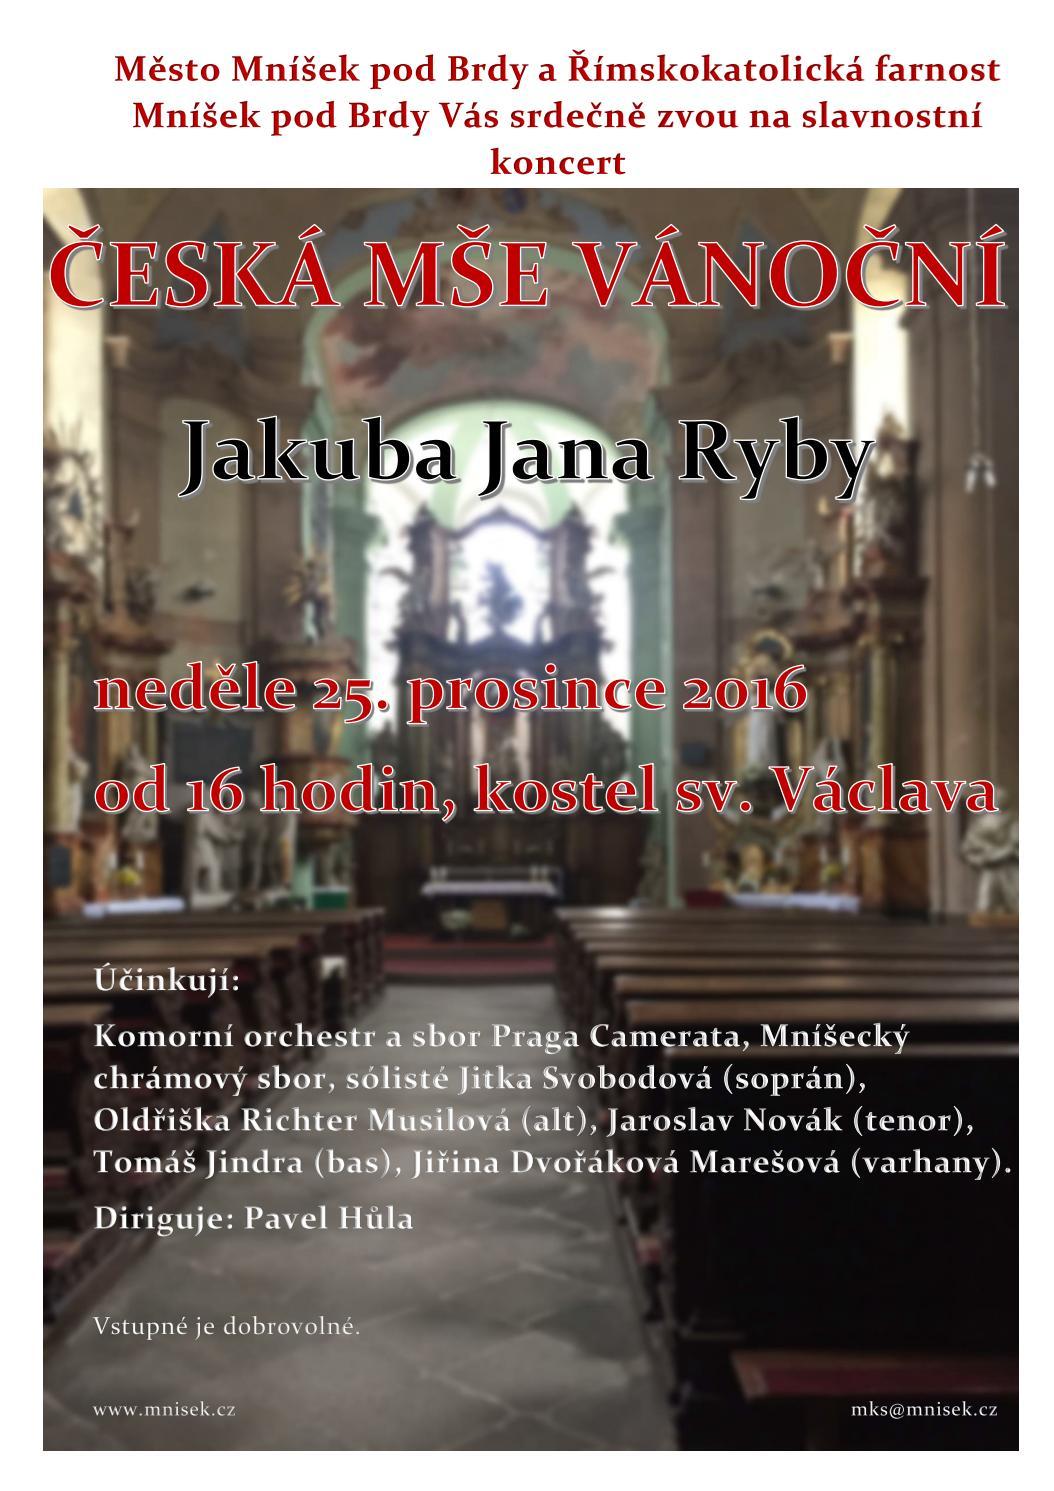 ČESKÁ MŠE VÁNOČNÍ_2016